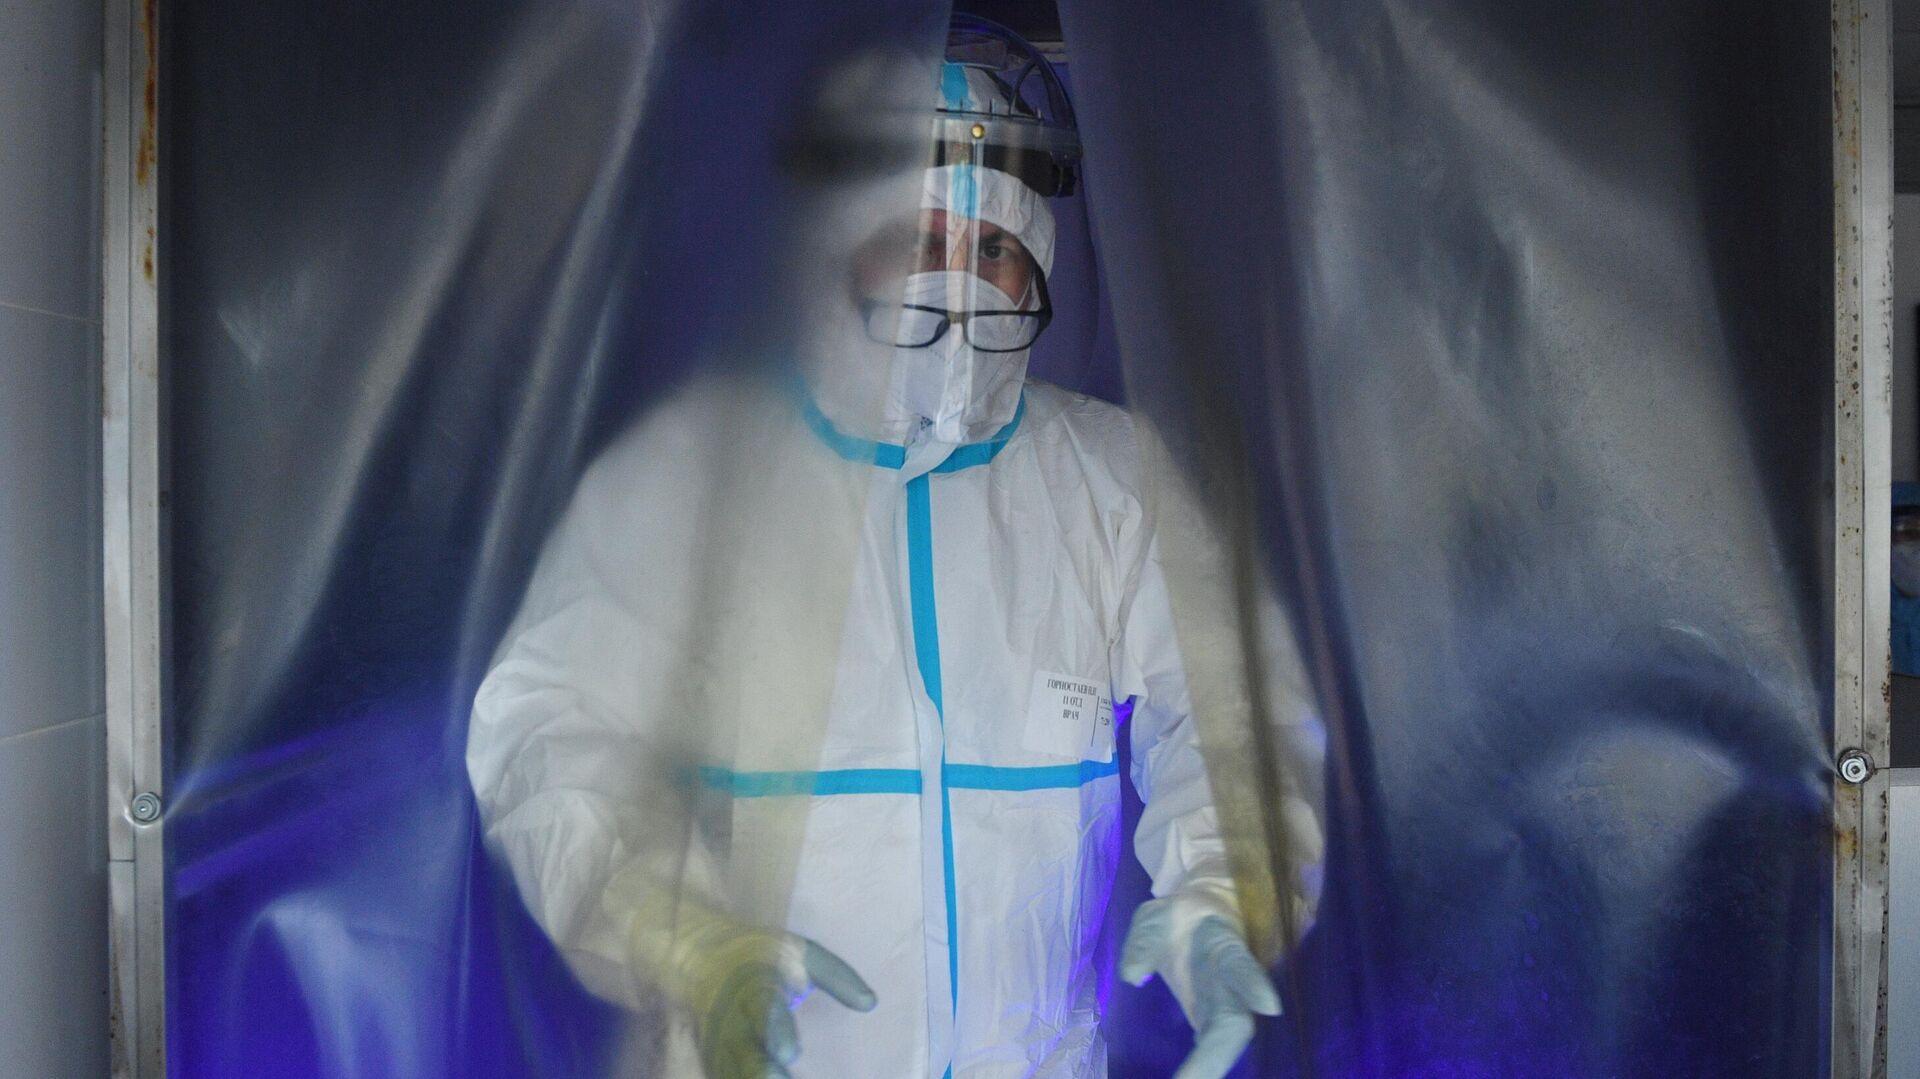 Медицинский работник в отделении дезинфекции госпиталя COVID-19 городской клинической больницы №15 имени О. М. Филатова в Москве - РИА Новости, 1920, 15.11.2020